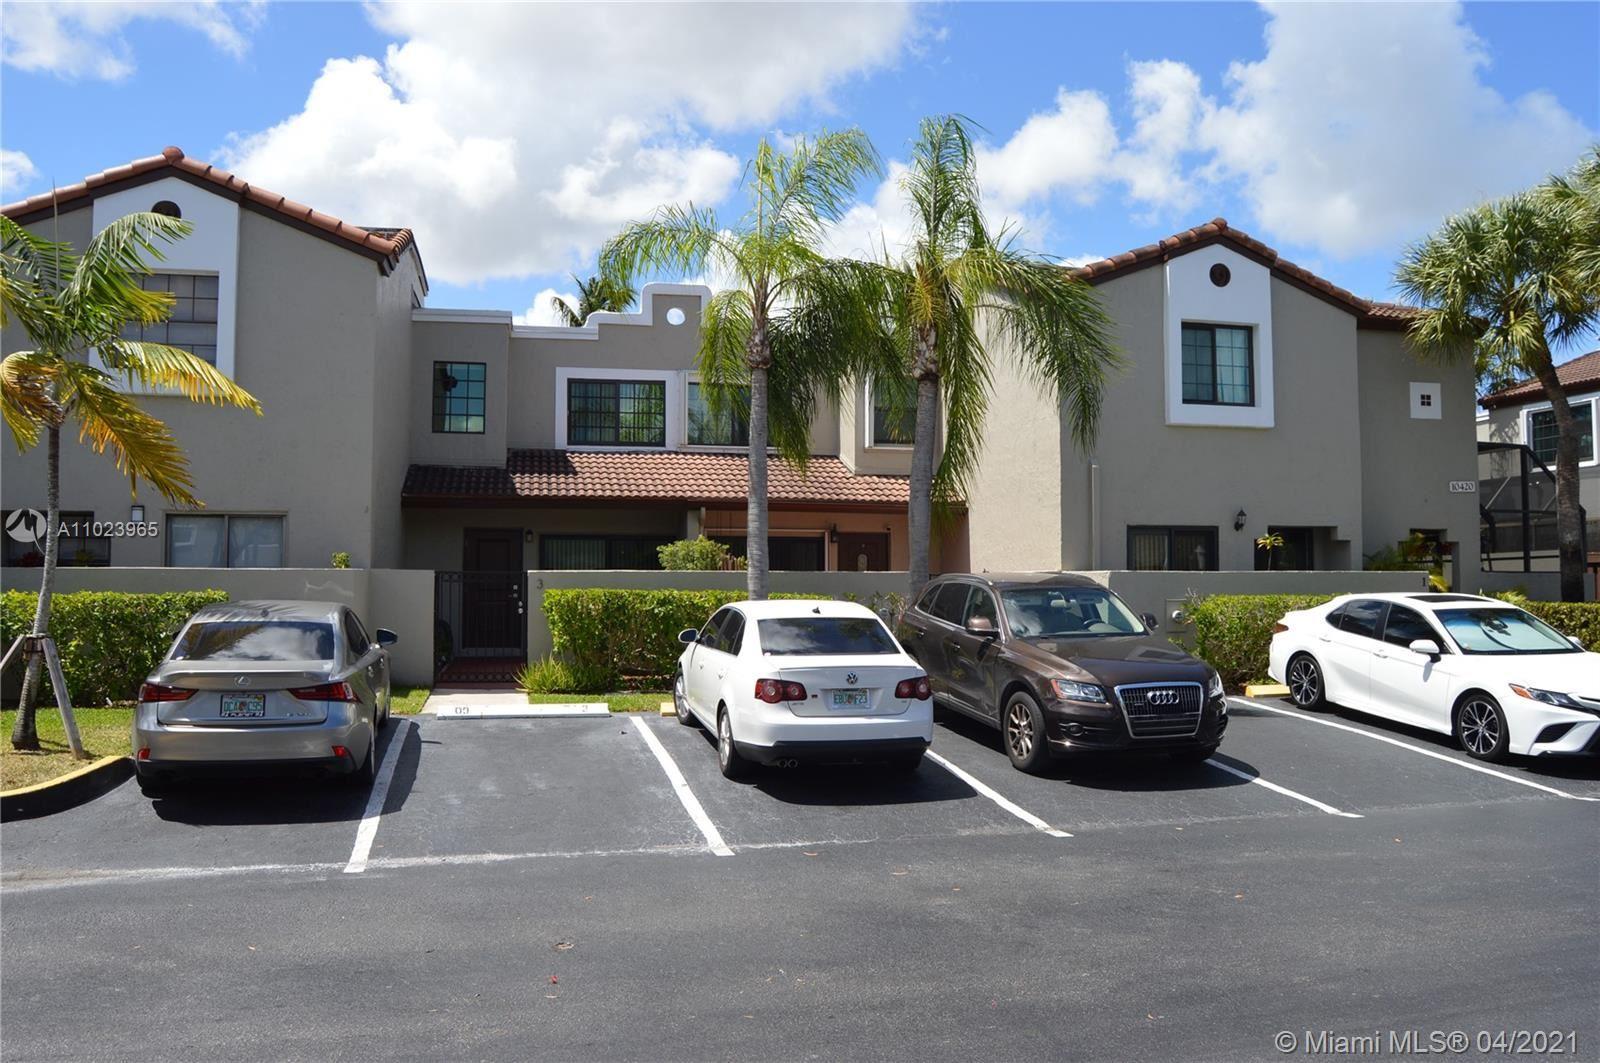 10420 SW 153rd Ct, Miami, FL 33196 - #: A11023965